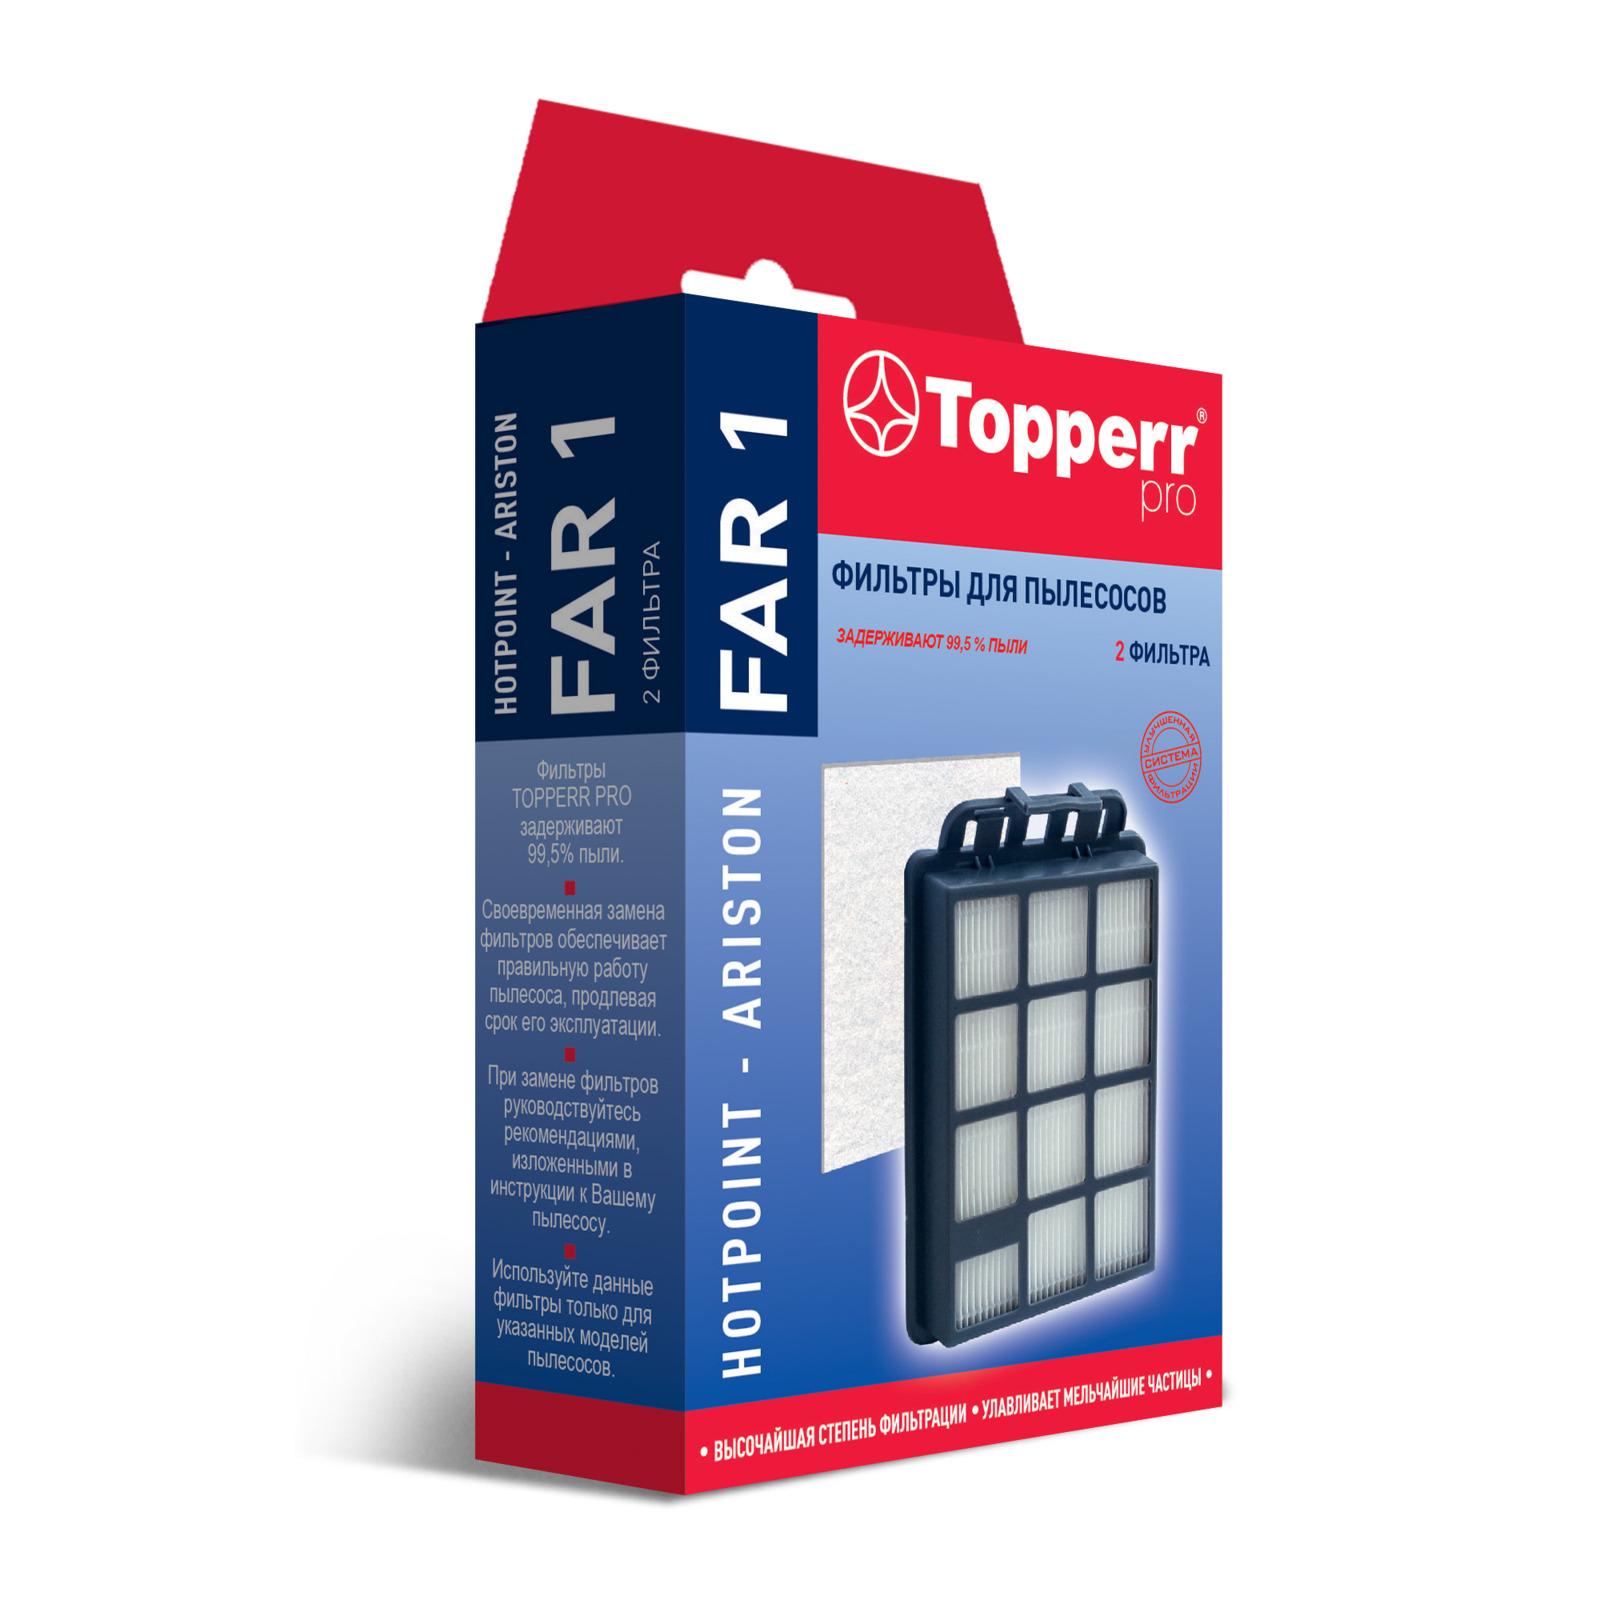 Фильтры Topperr Pro 1161 FAR 1, для пылесоса Hotpoint-Ariston, 2 шт